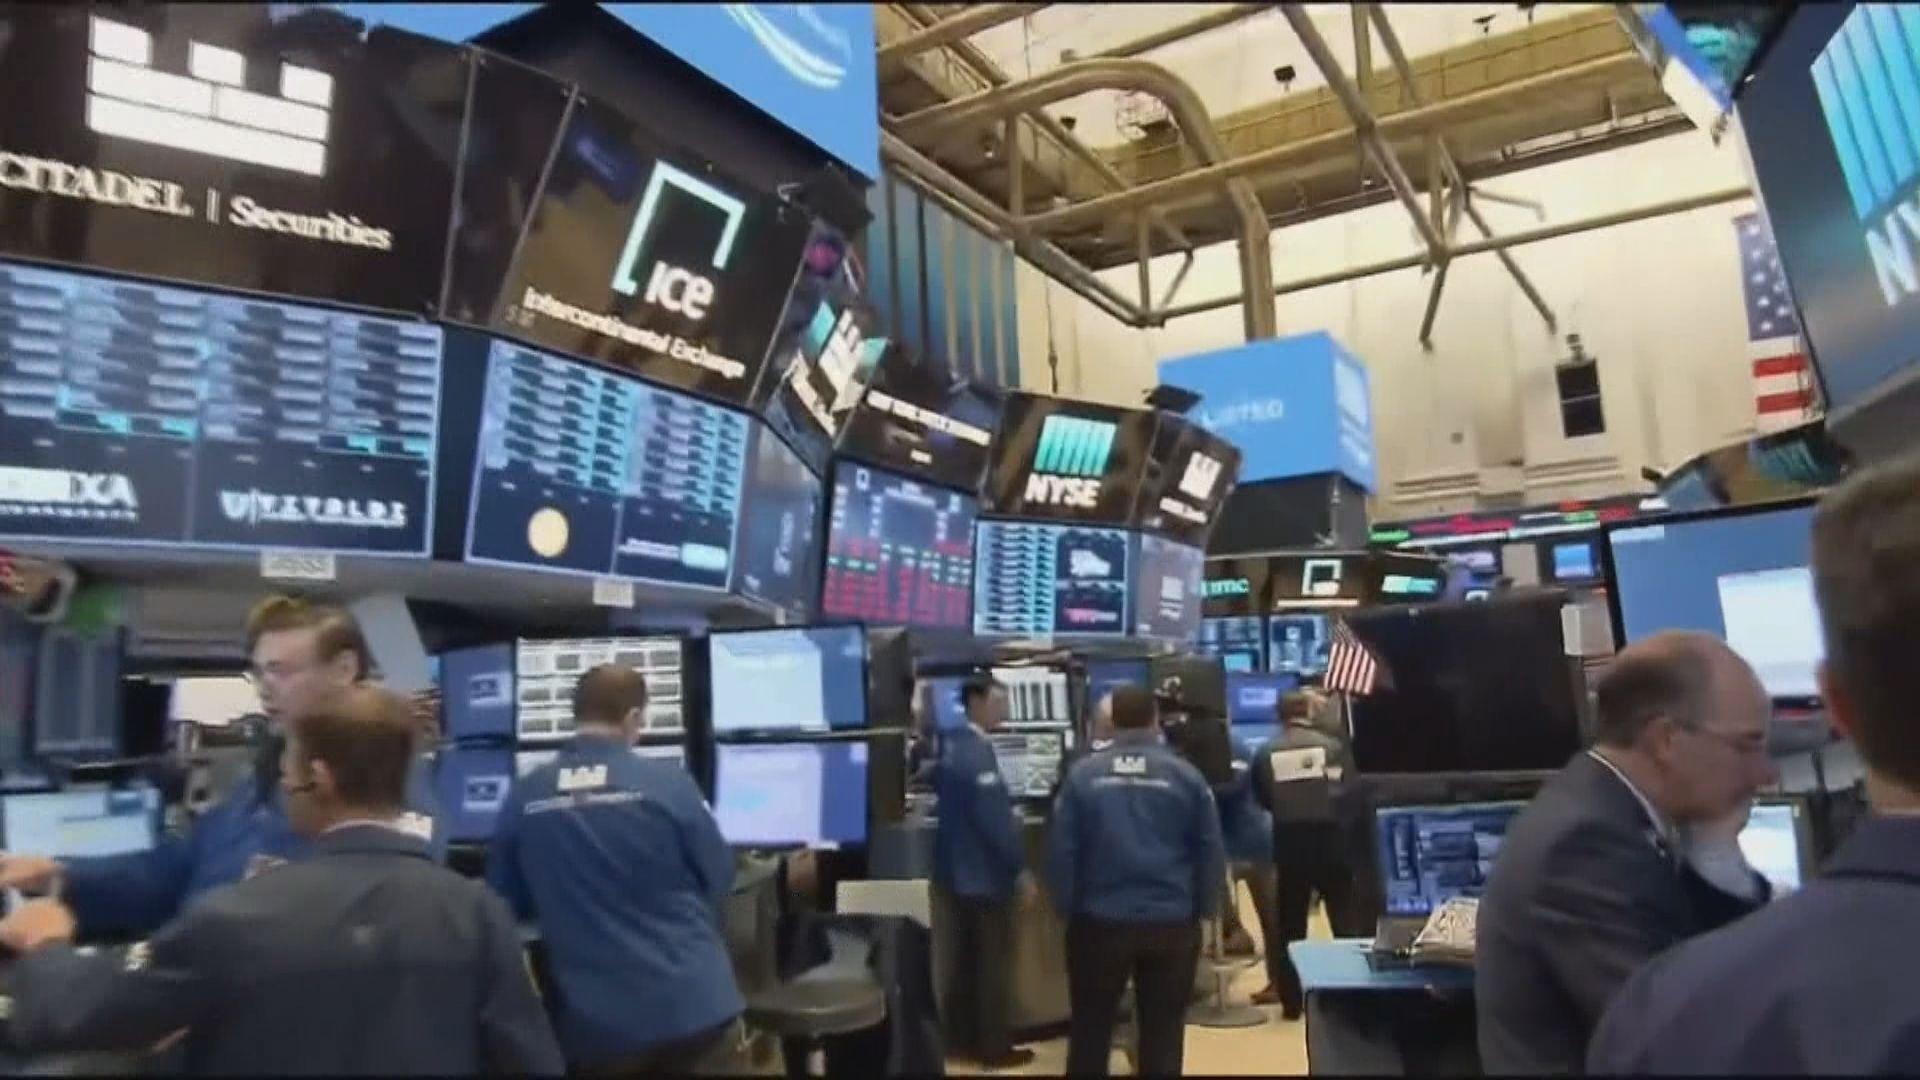 科網股顯著上升帶動美股結束2連跌